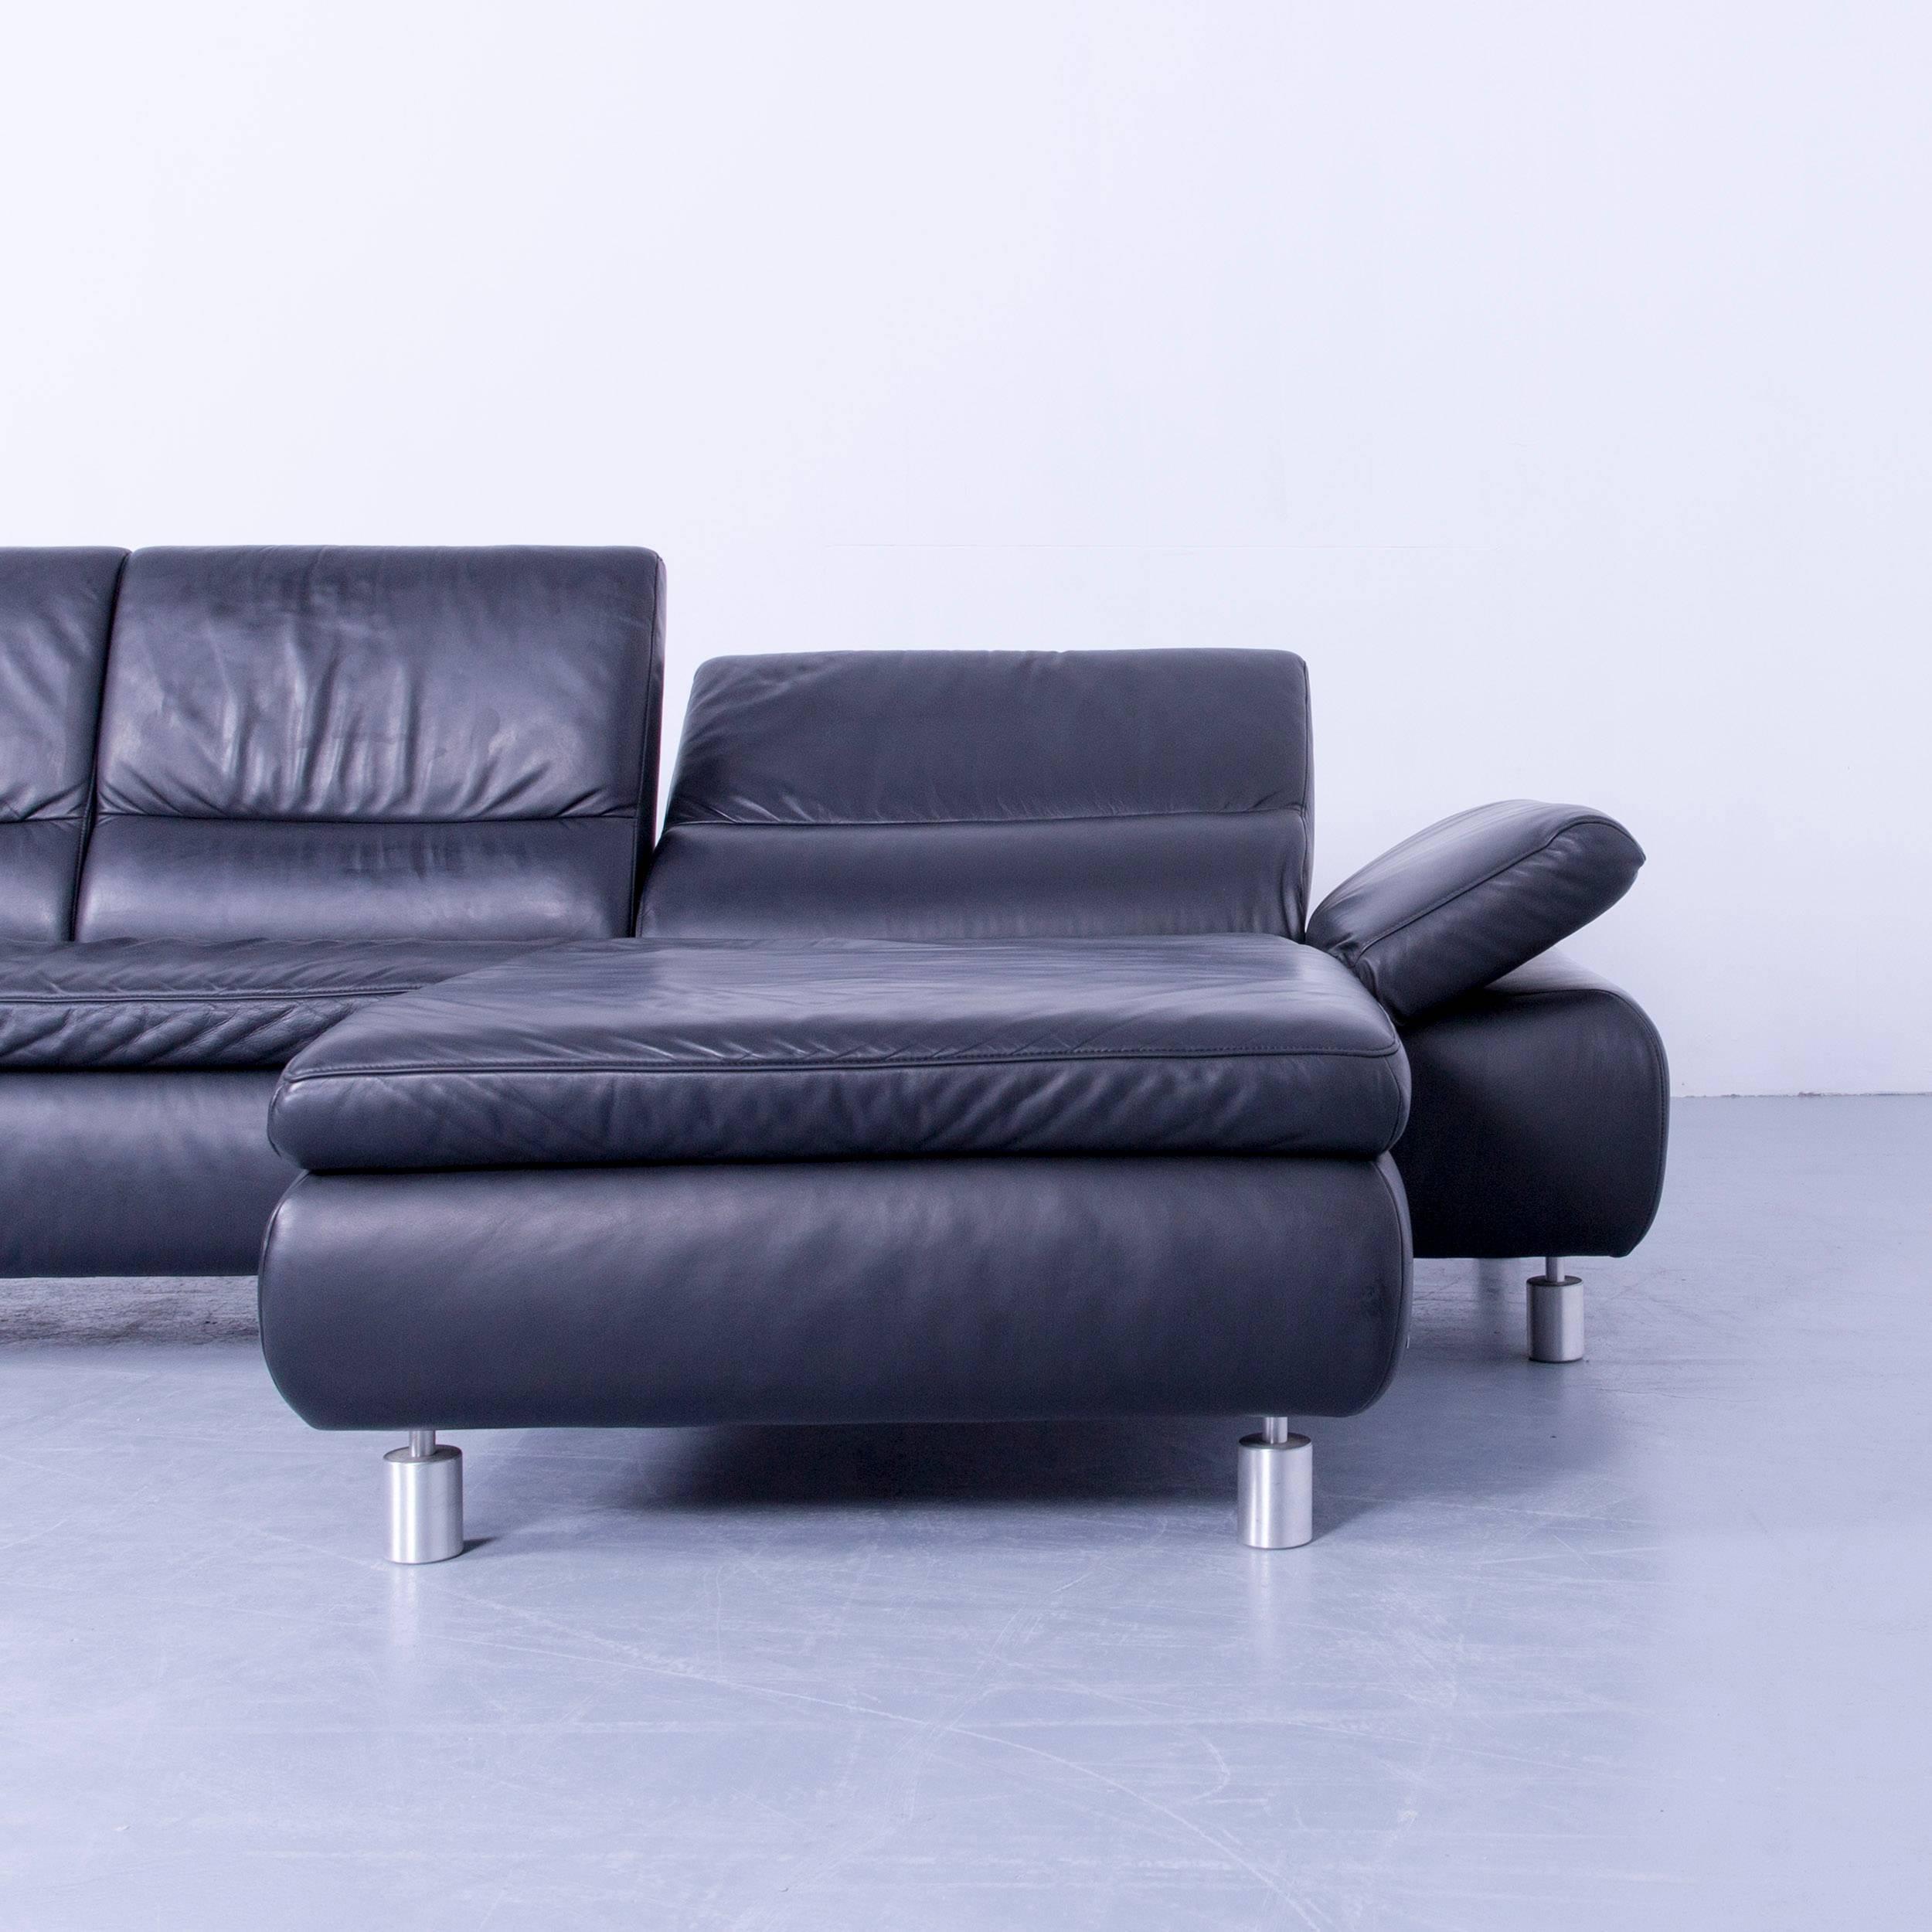 Amüsant Sofa Und Sessel Das Beste Von Koinor Gebraucht Dukiyaconnect